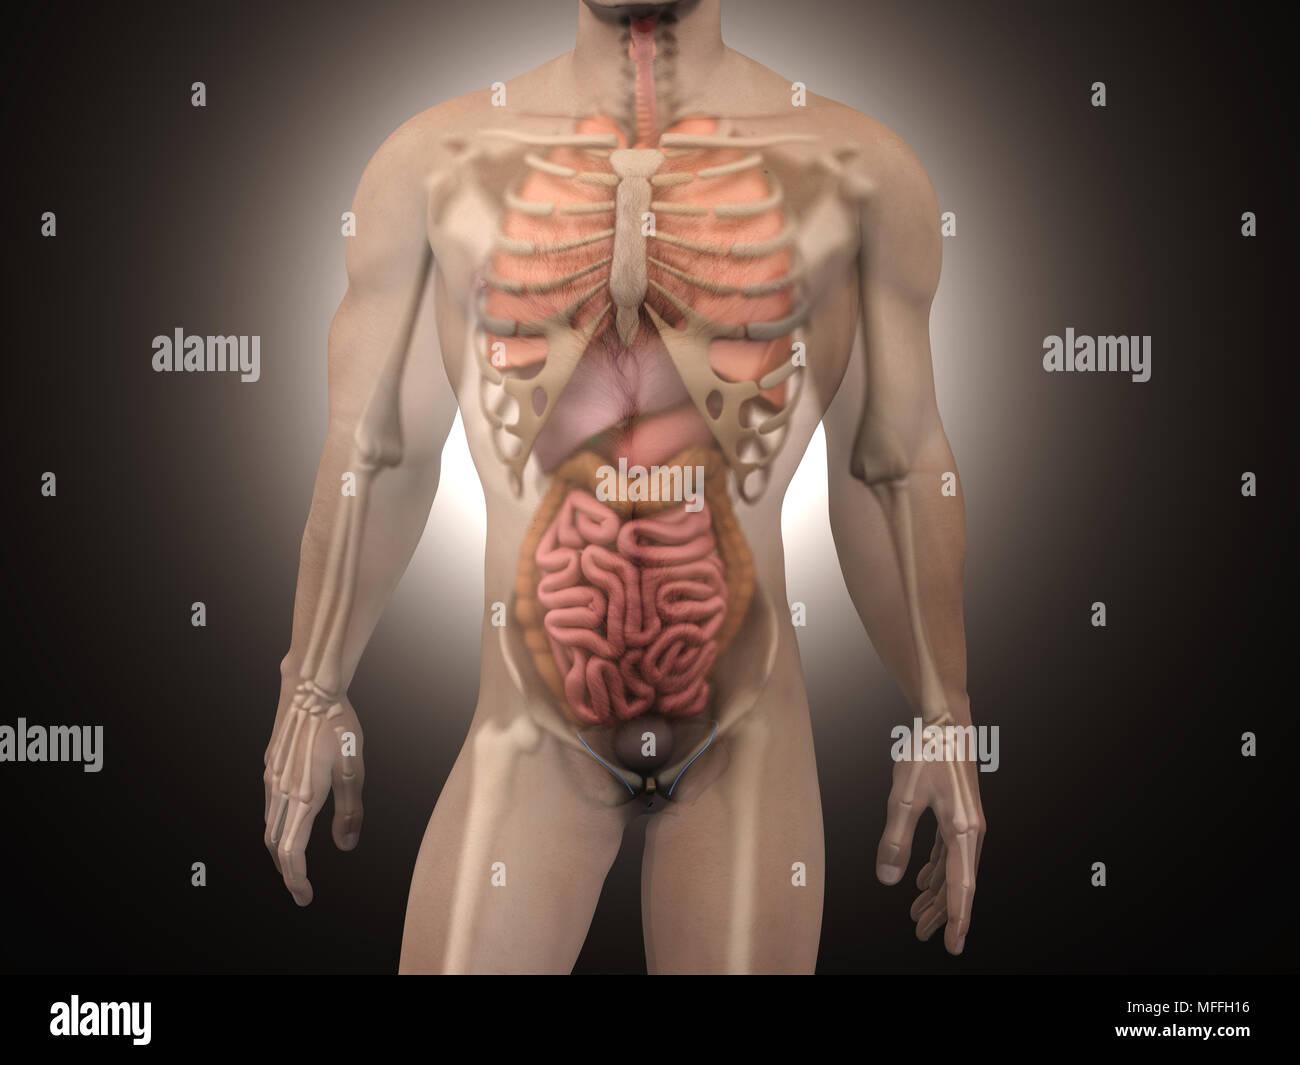 Atractivo Serpiente Anatomía Muscular Componente - Anatomía de Las ...